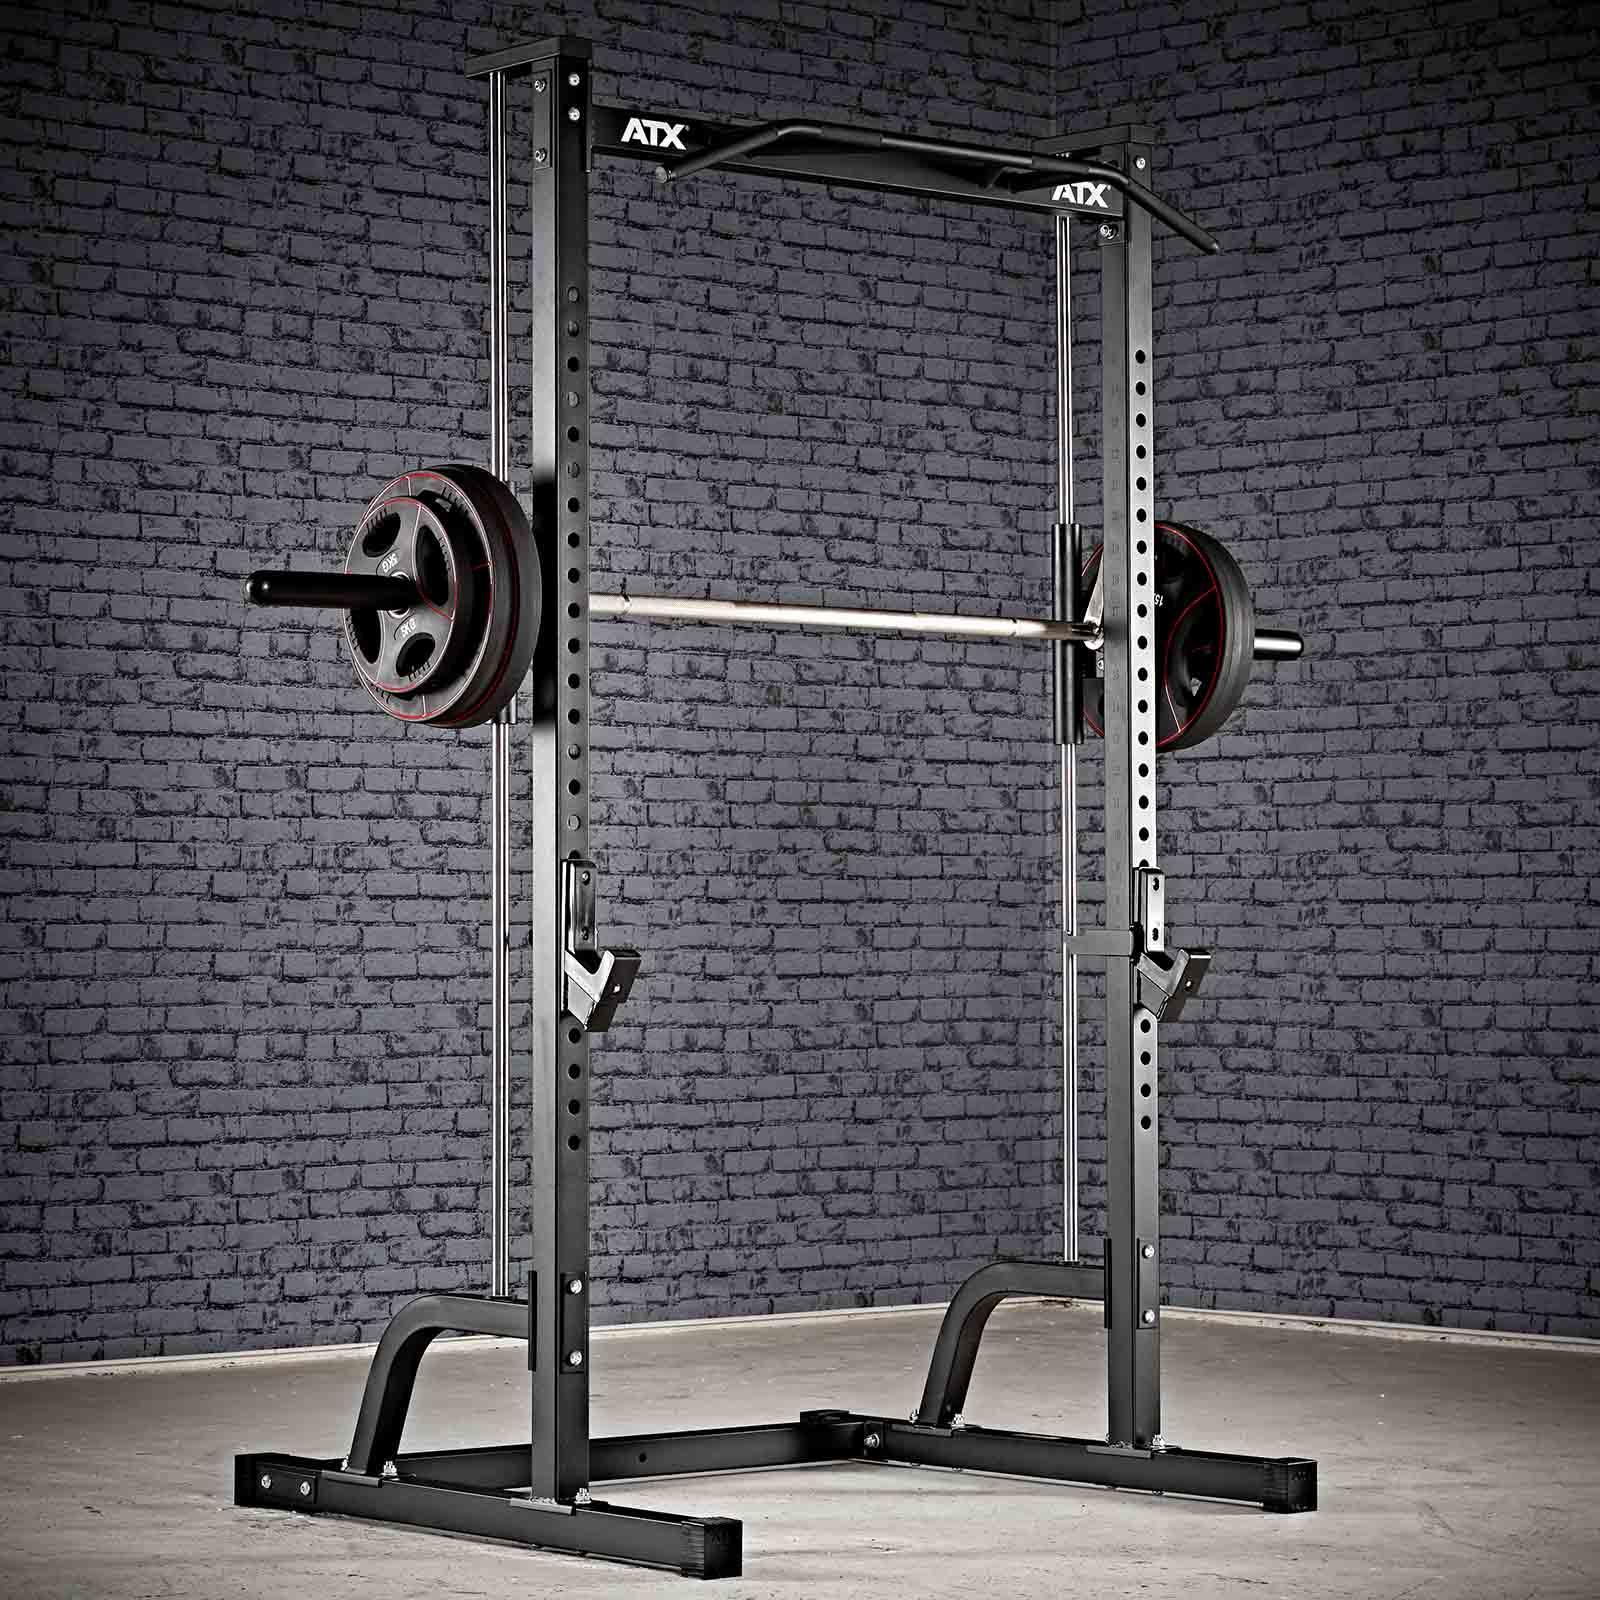 smith machine half rack gym